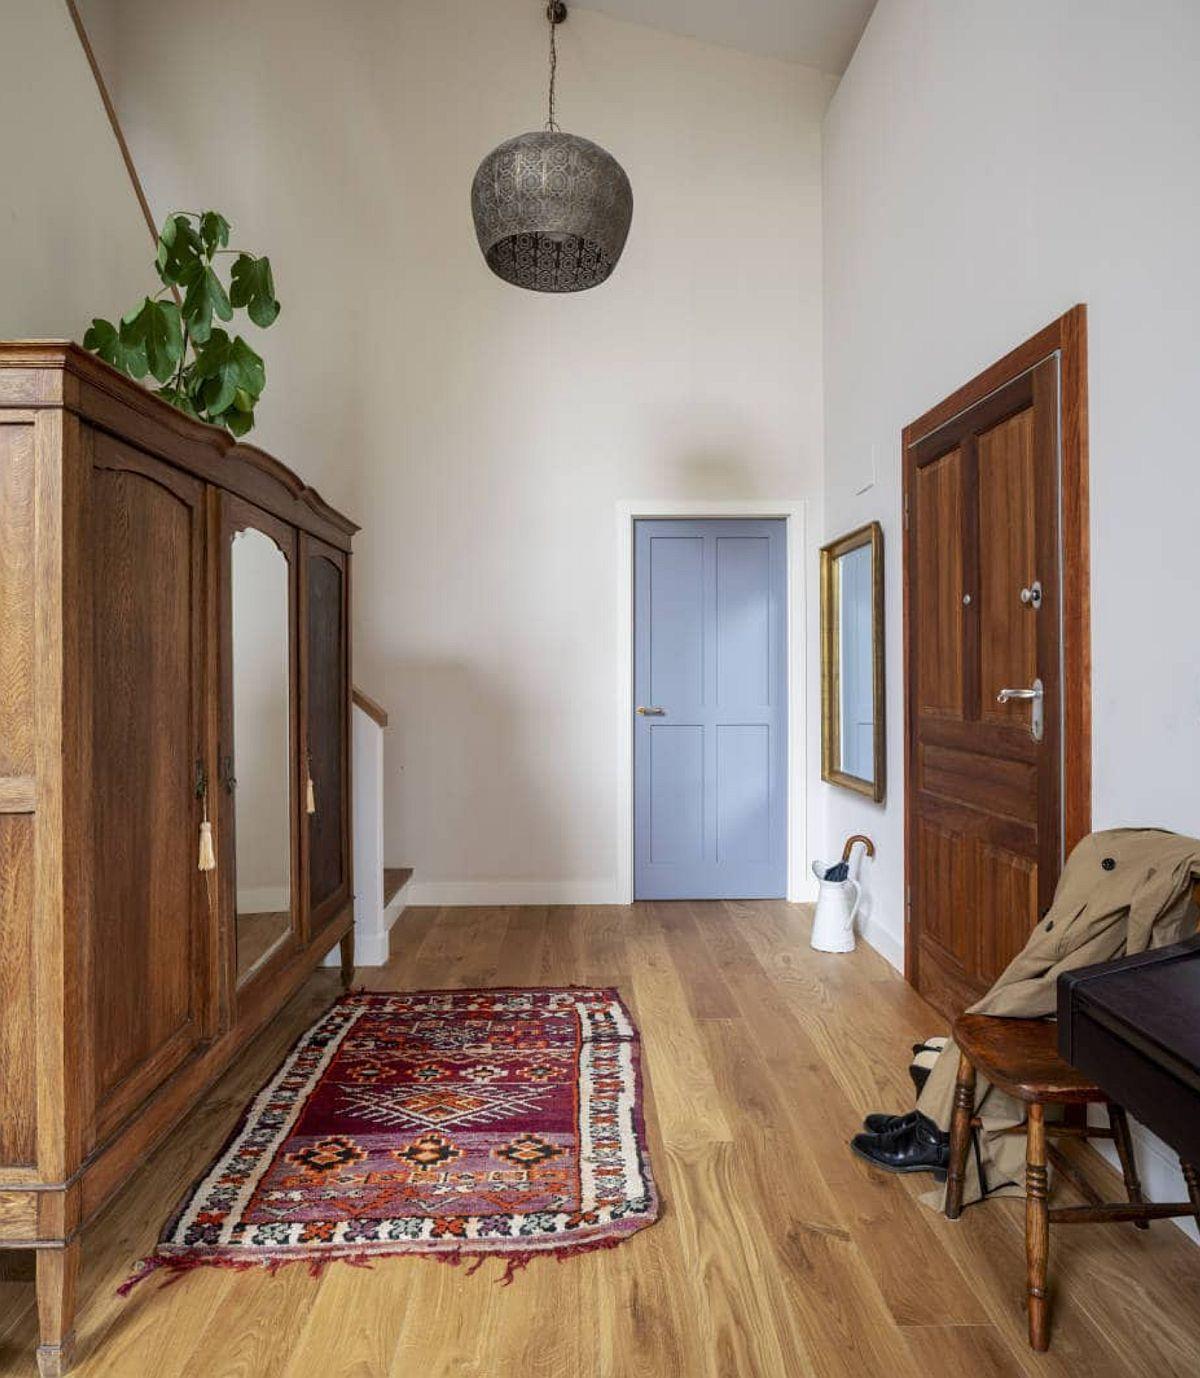 Holul de acces în casă face legătura între parterul gândit ca un spațiu deschis, între etaj la care se accede pe scara interioară și una dintre băi. Designerul a prevăzut ca pe fundalul alb al zugrăvelii, ușile interioare să se profileze frumos atât prindesenul lor, cât și prin culoarea aleasă în contrast armonios cu pardoseala din lemn.